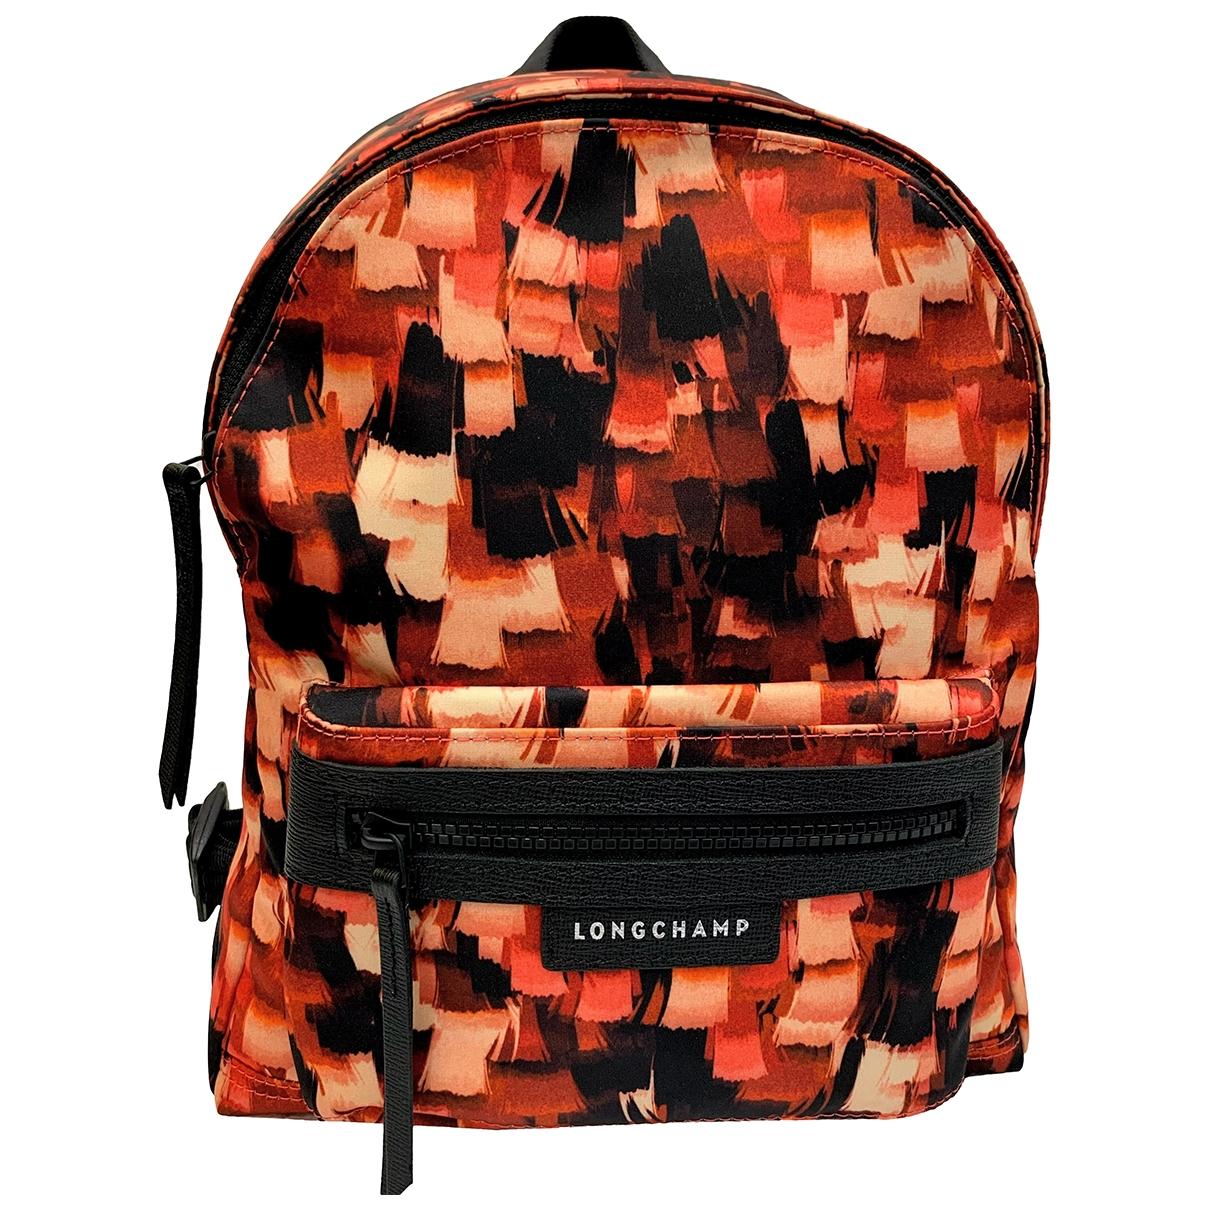 Mochila de Lona Longchamp